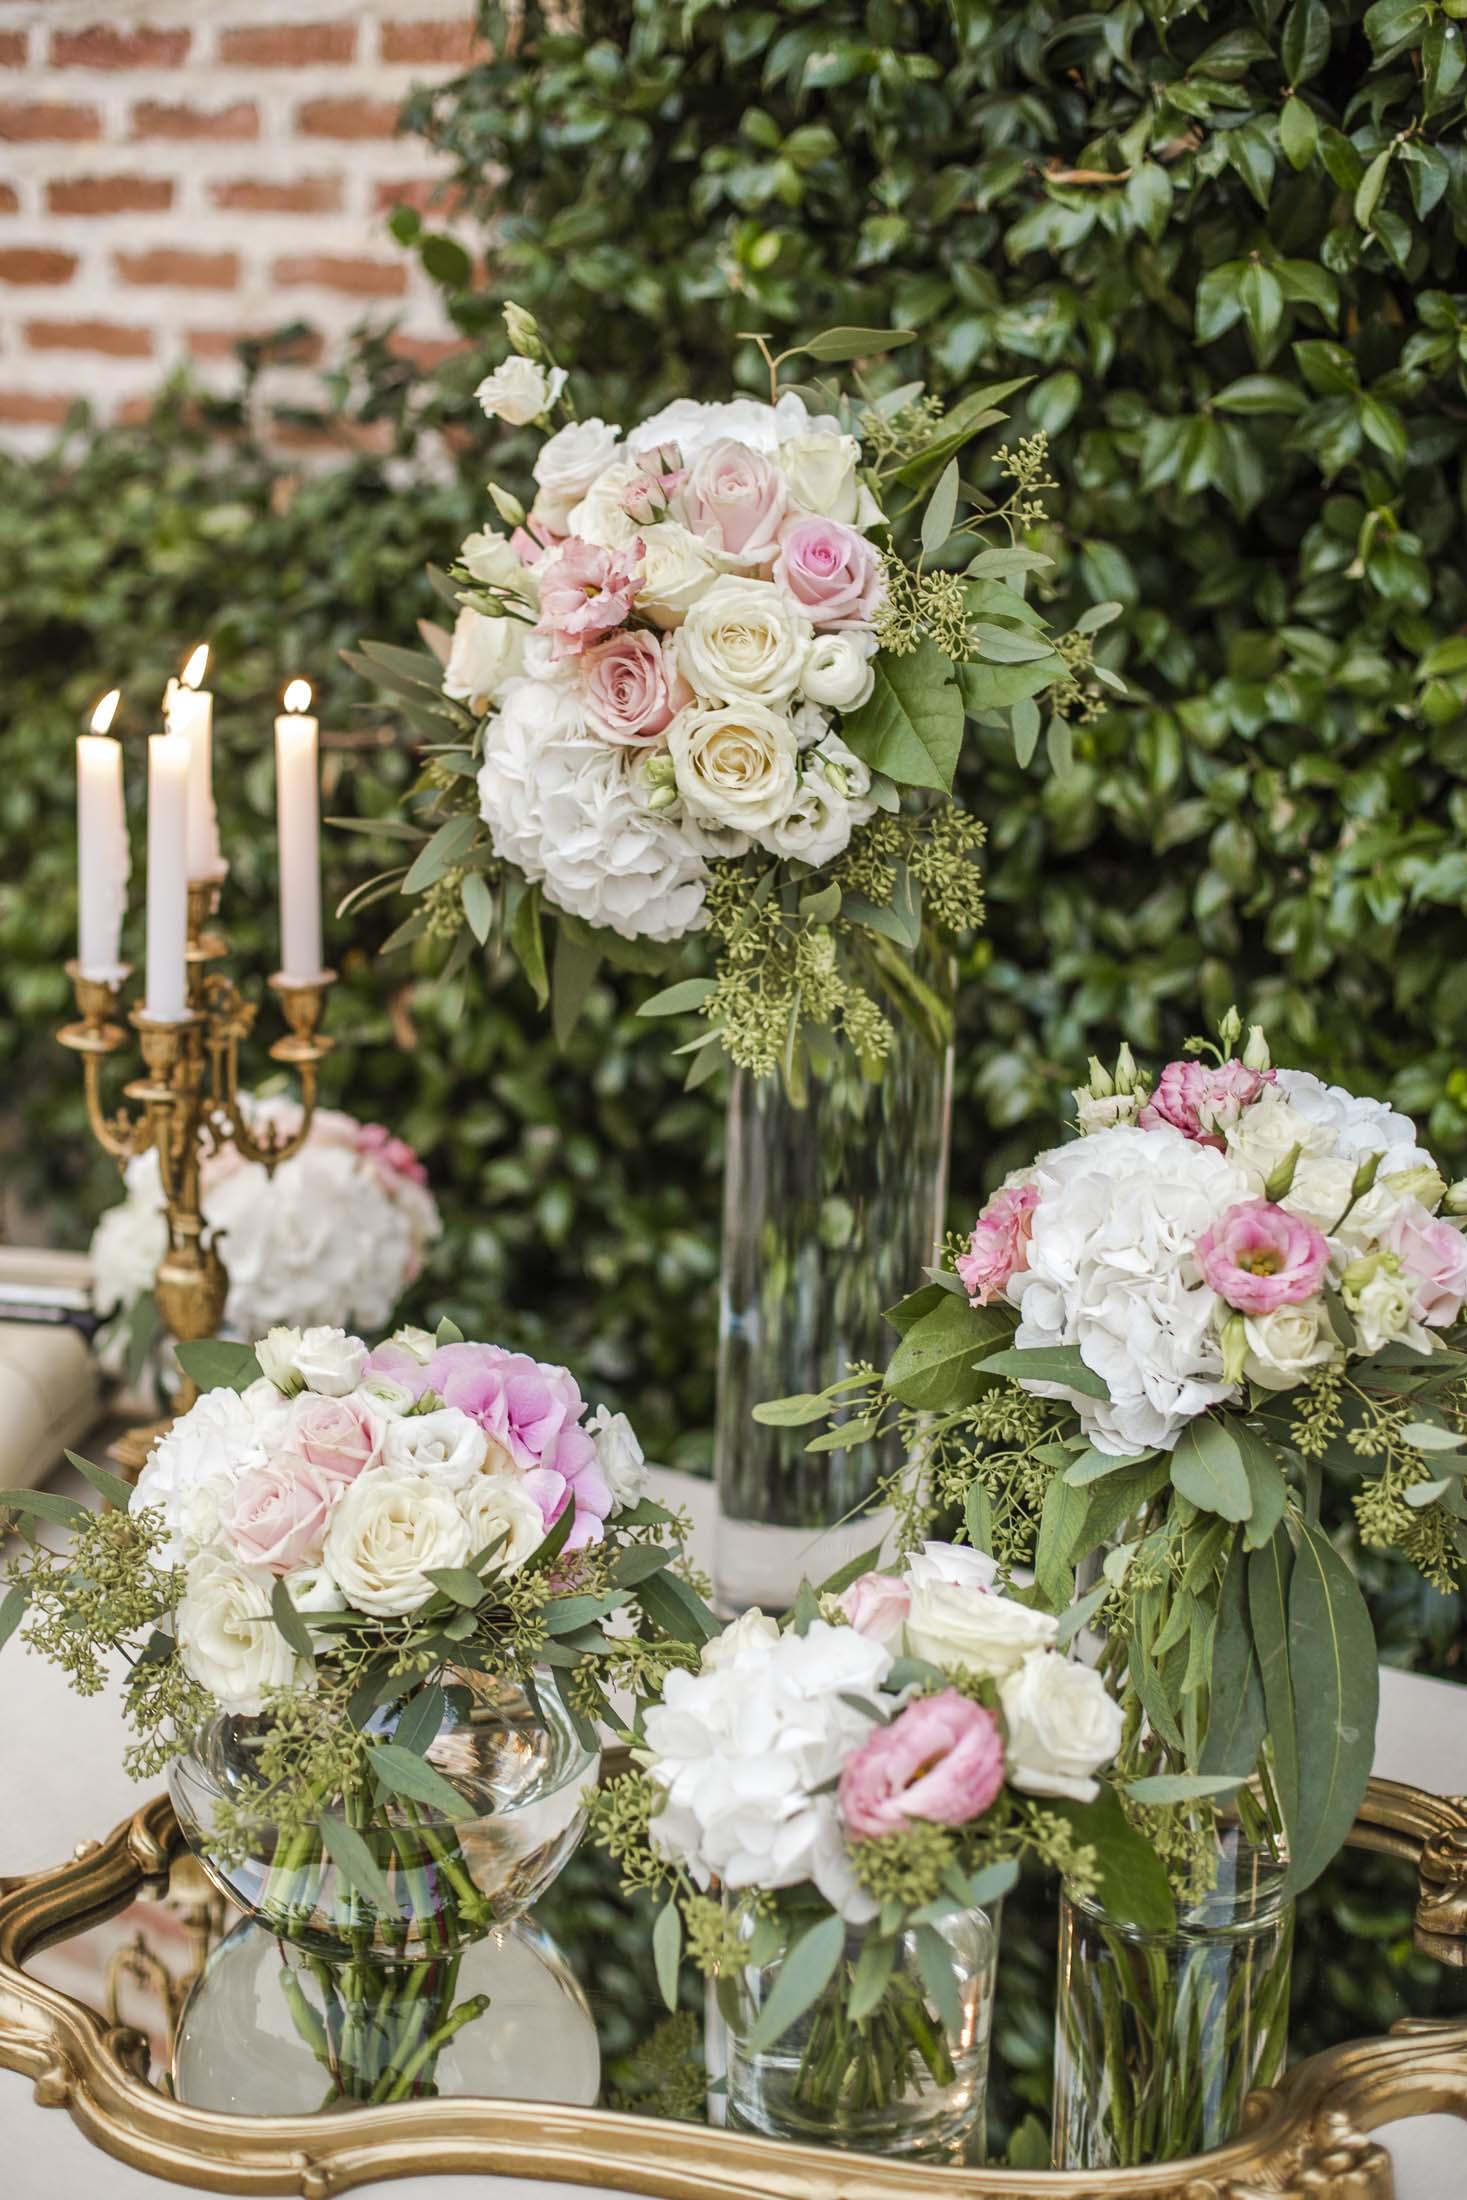 decoración boda romántica_candelabros_espejo vintage